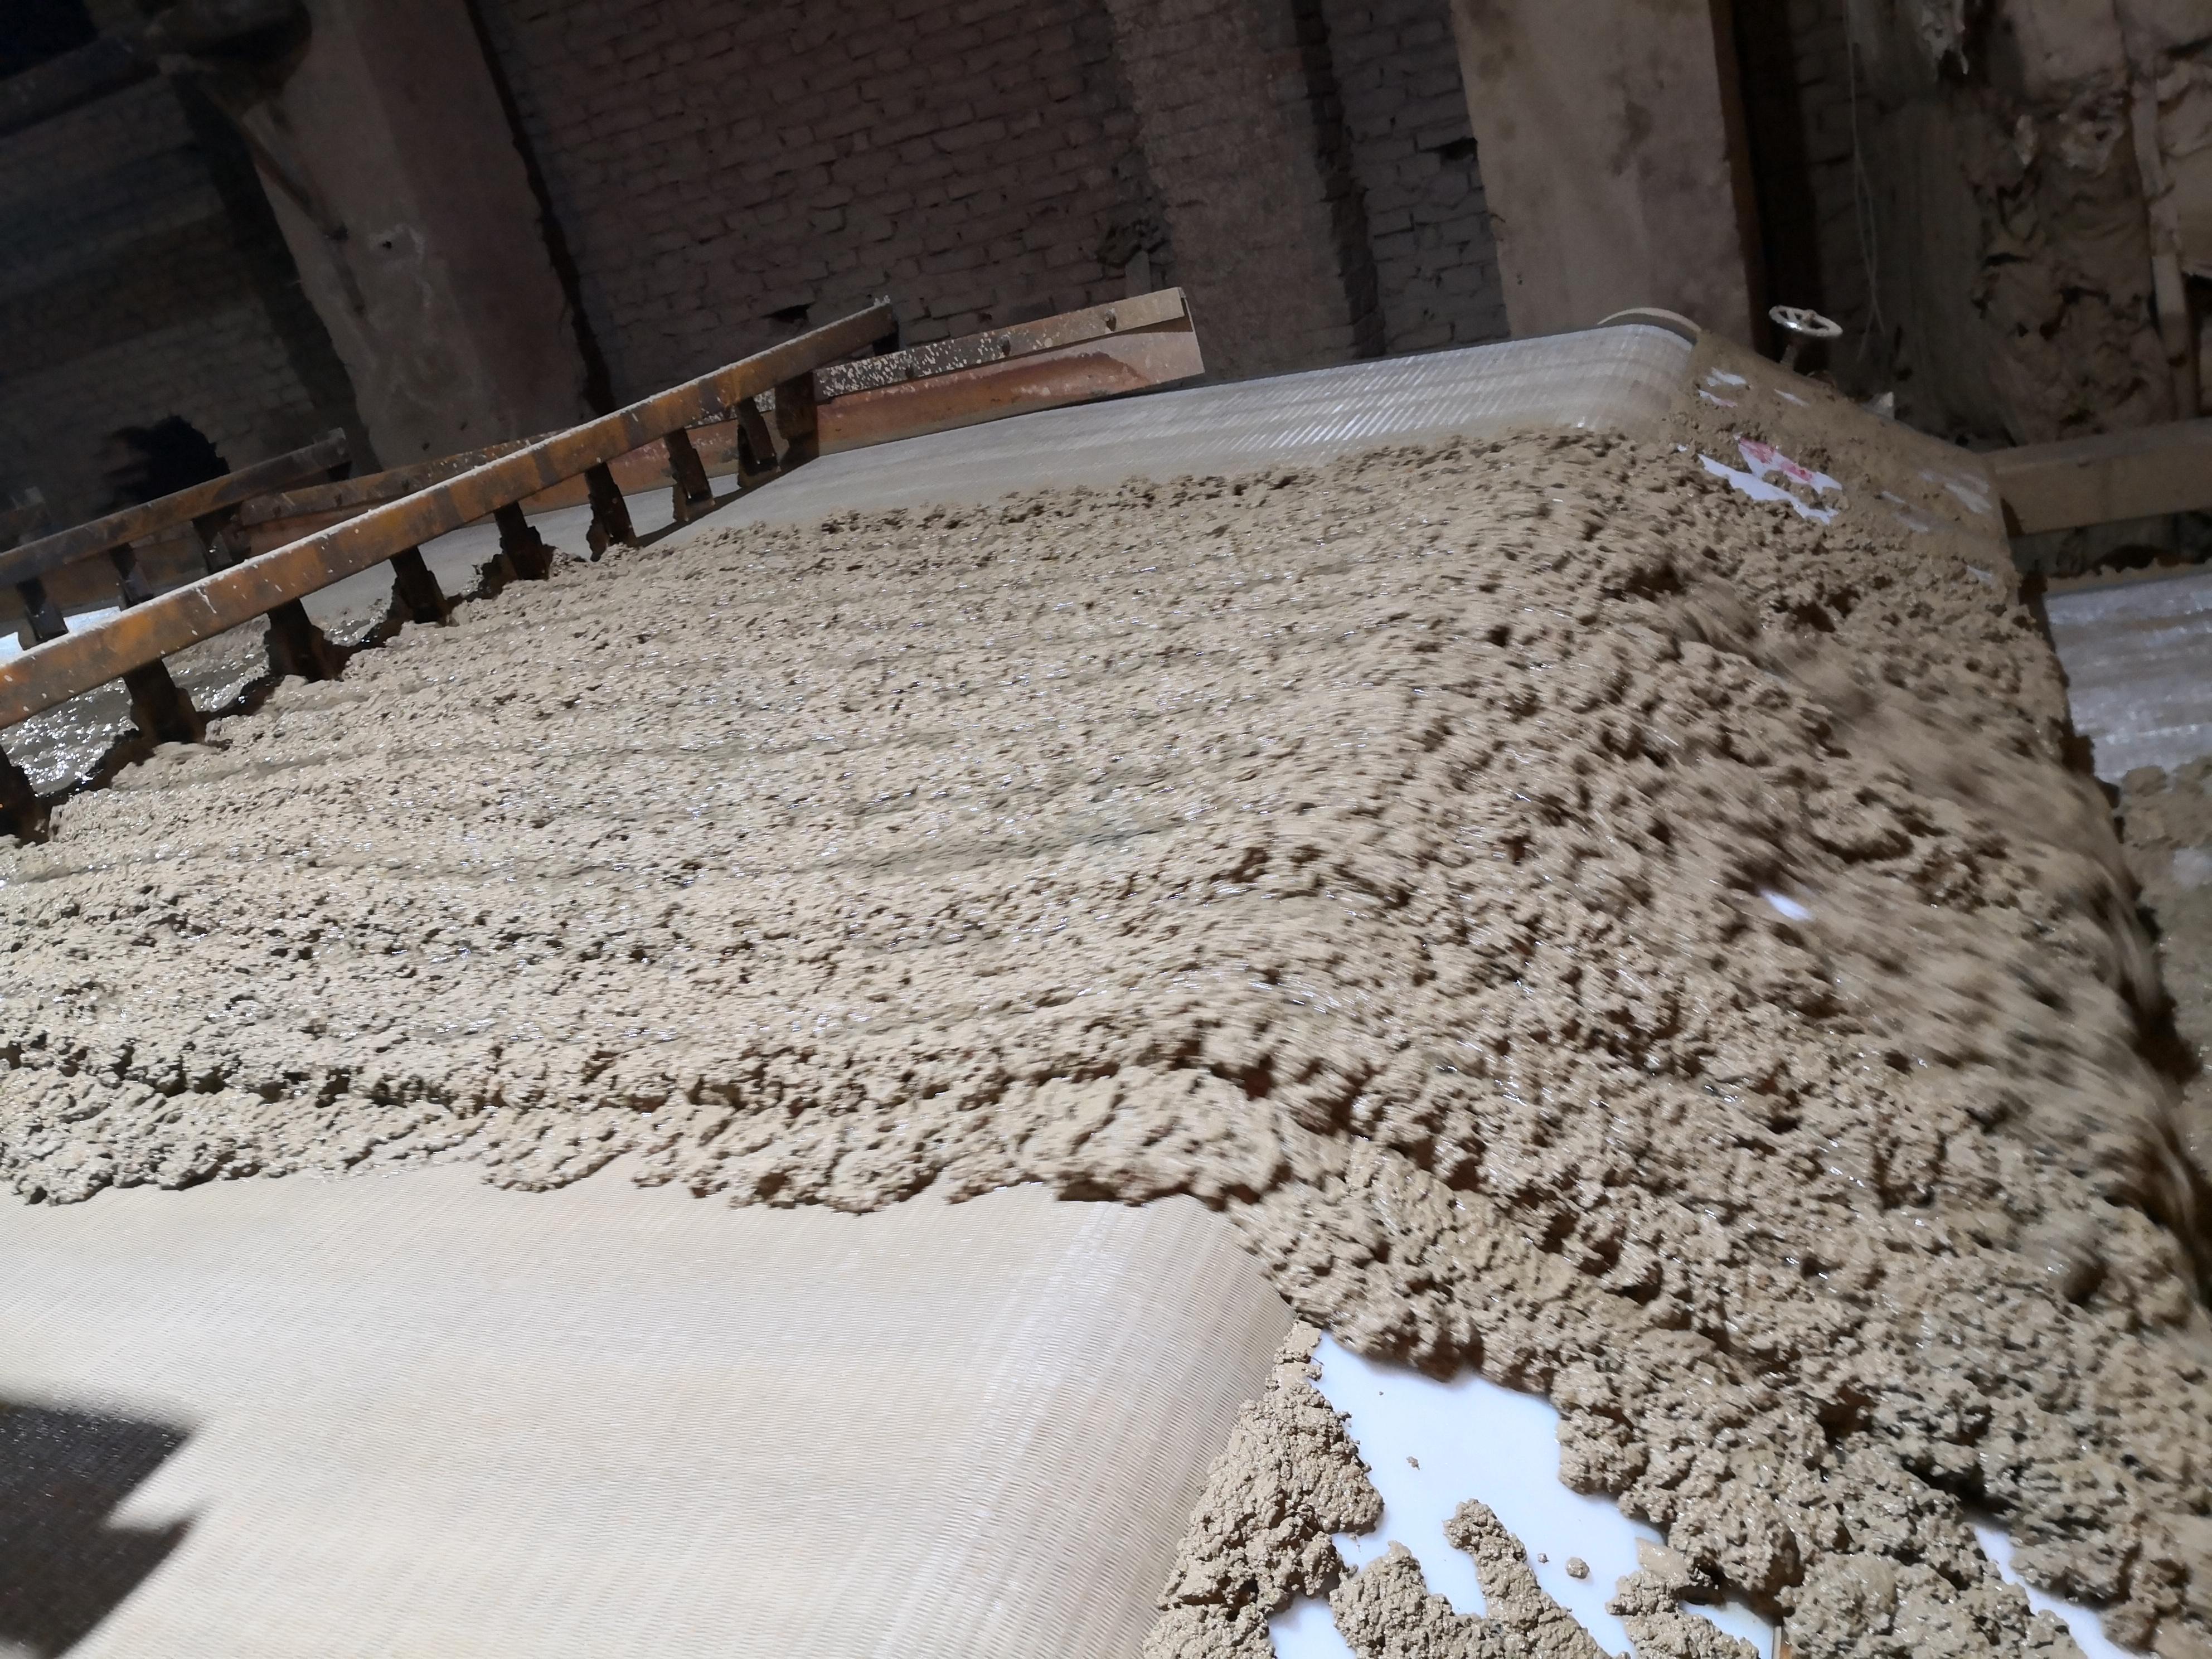 洗沙厂污水添加聚丙烯酰胺后污水在带式压滤机上的絮凝效果